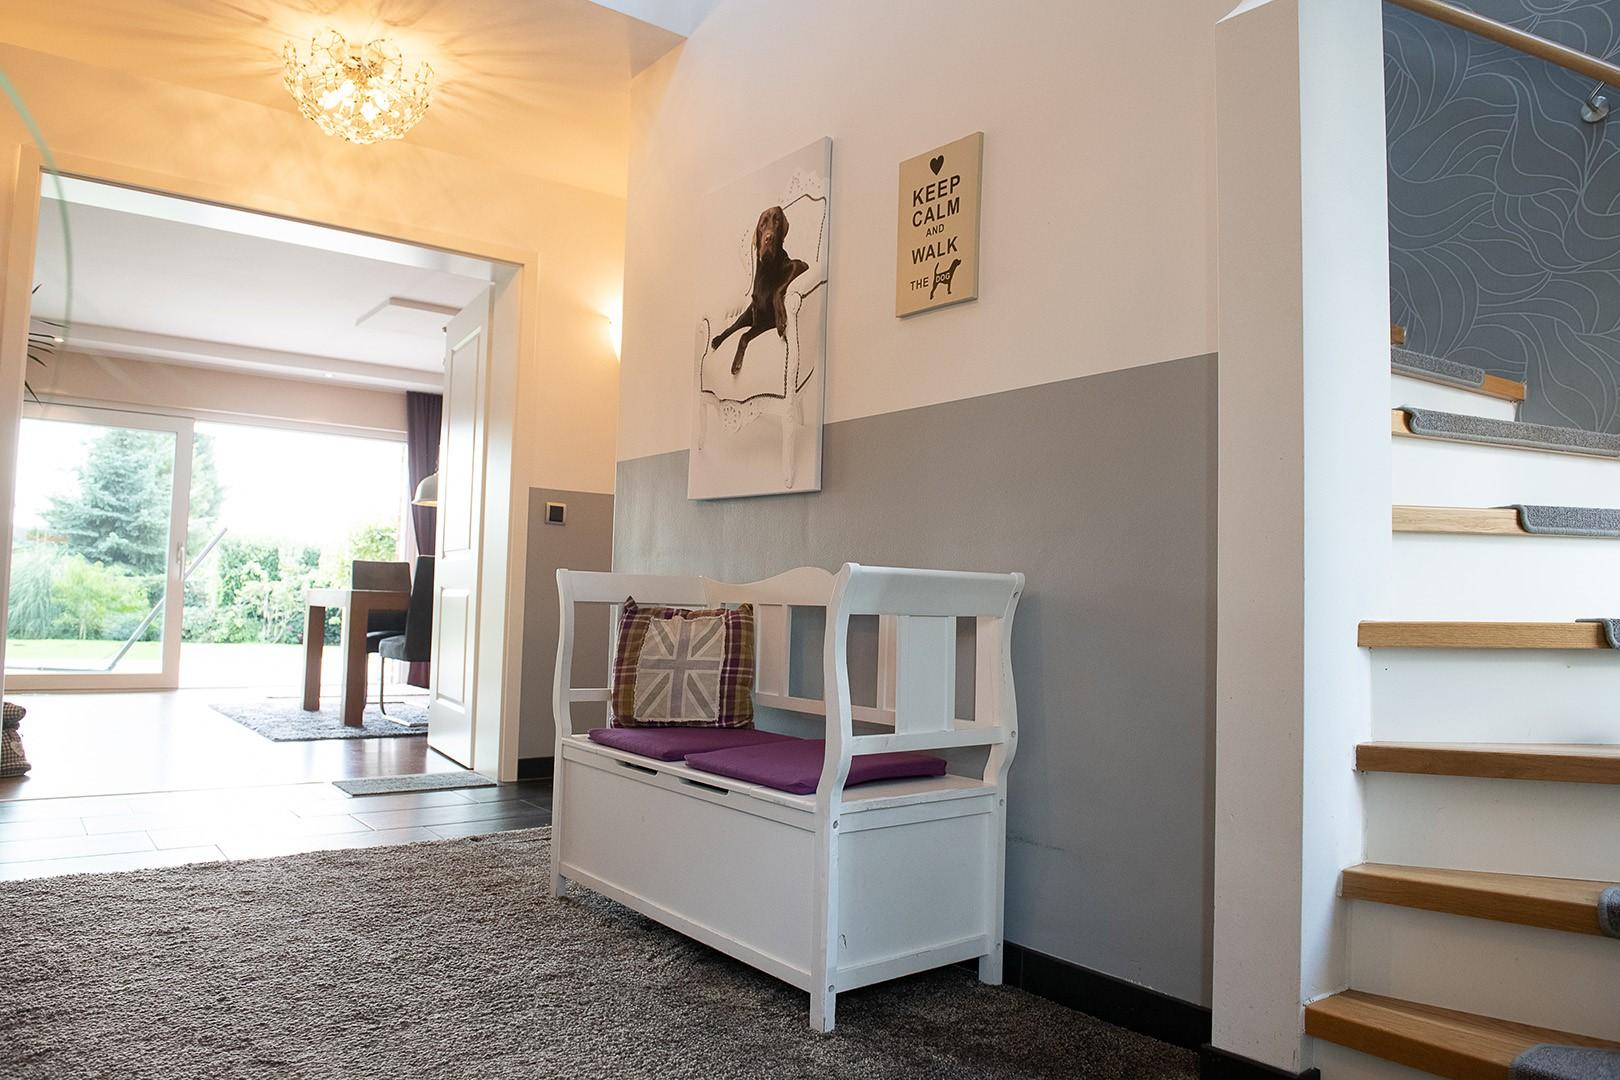 Immobilie Nr.312 - Einfamilienhaus mit Garten & Terrasse & Garage & Carport - Bild 5.jpg